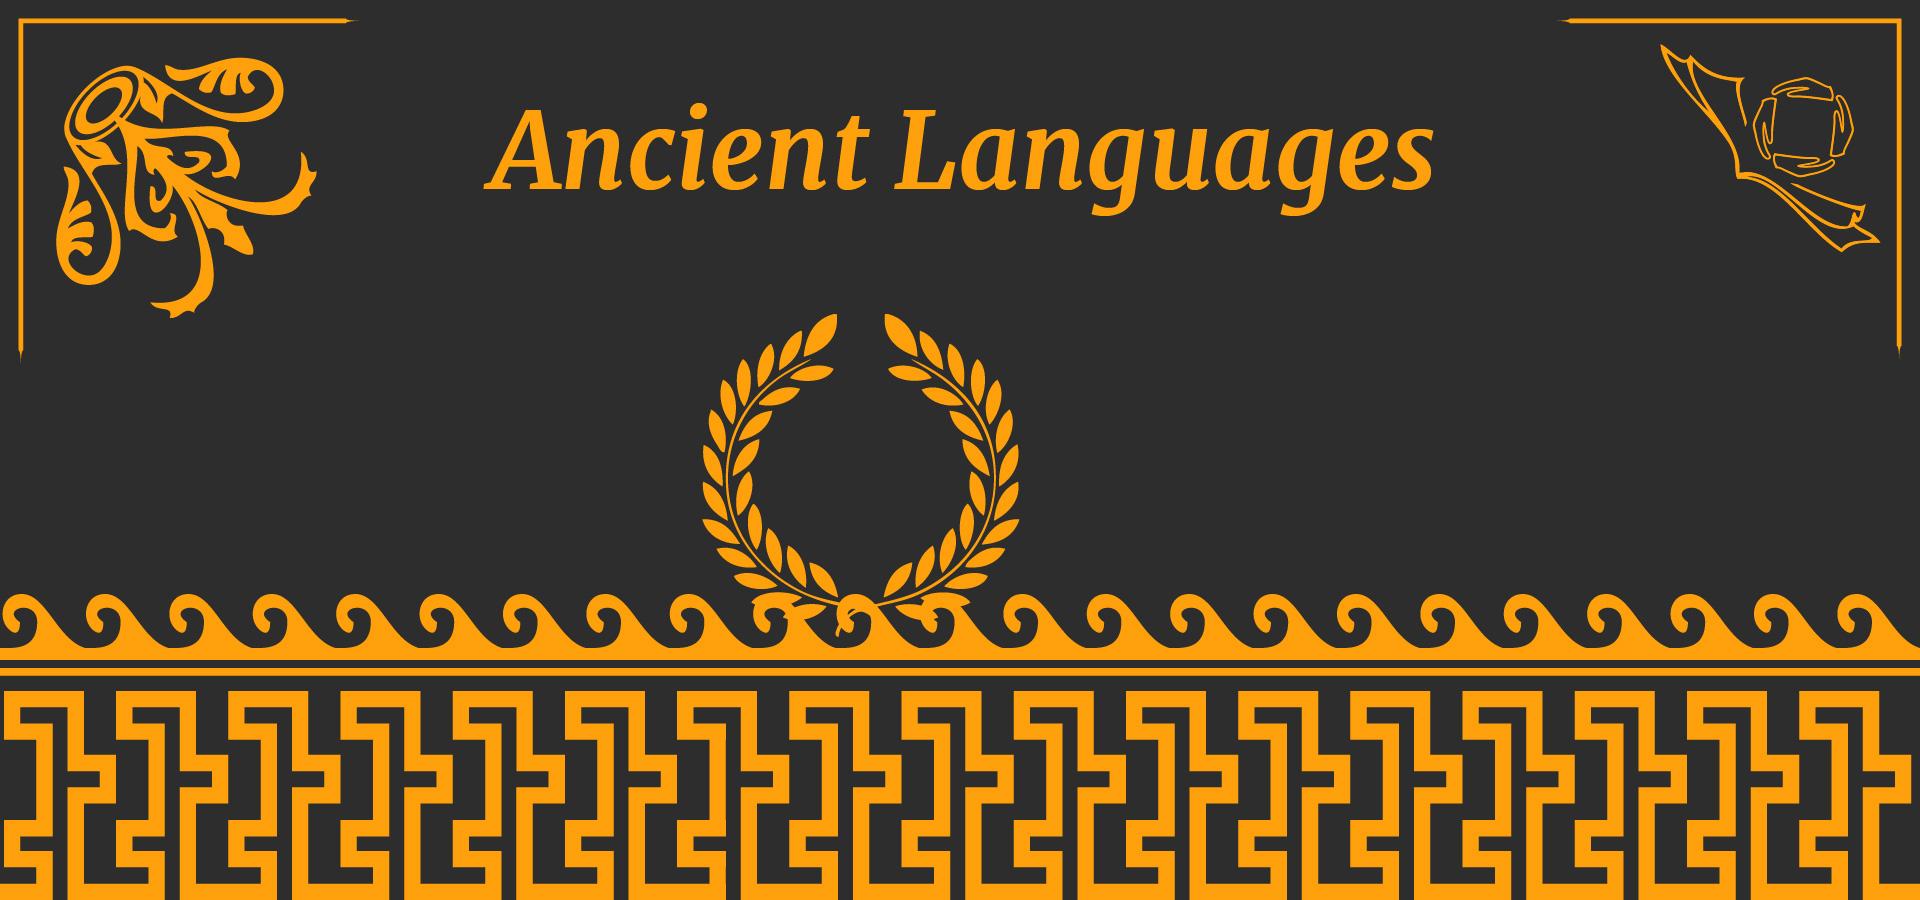 ancient languages centro alif pisa